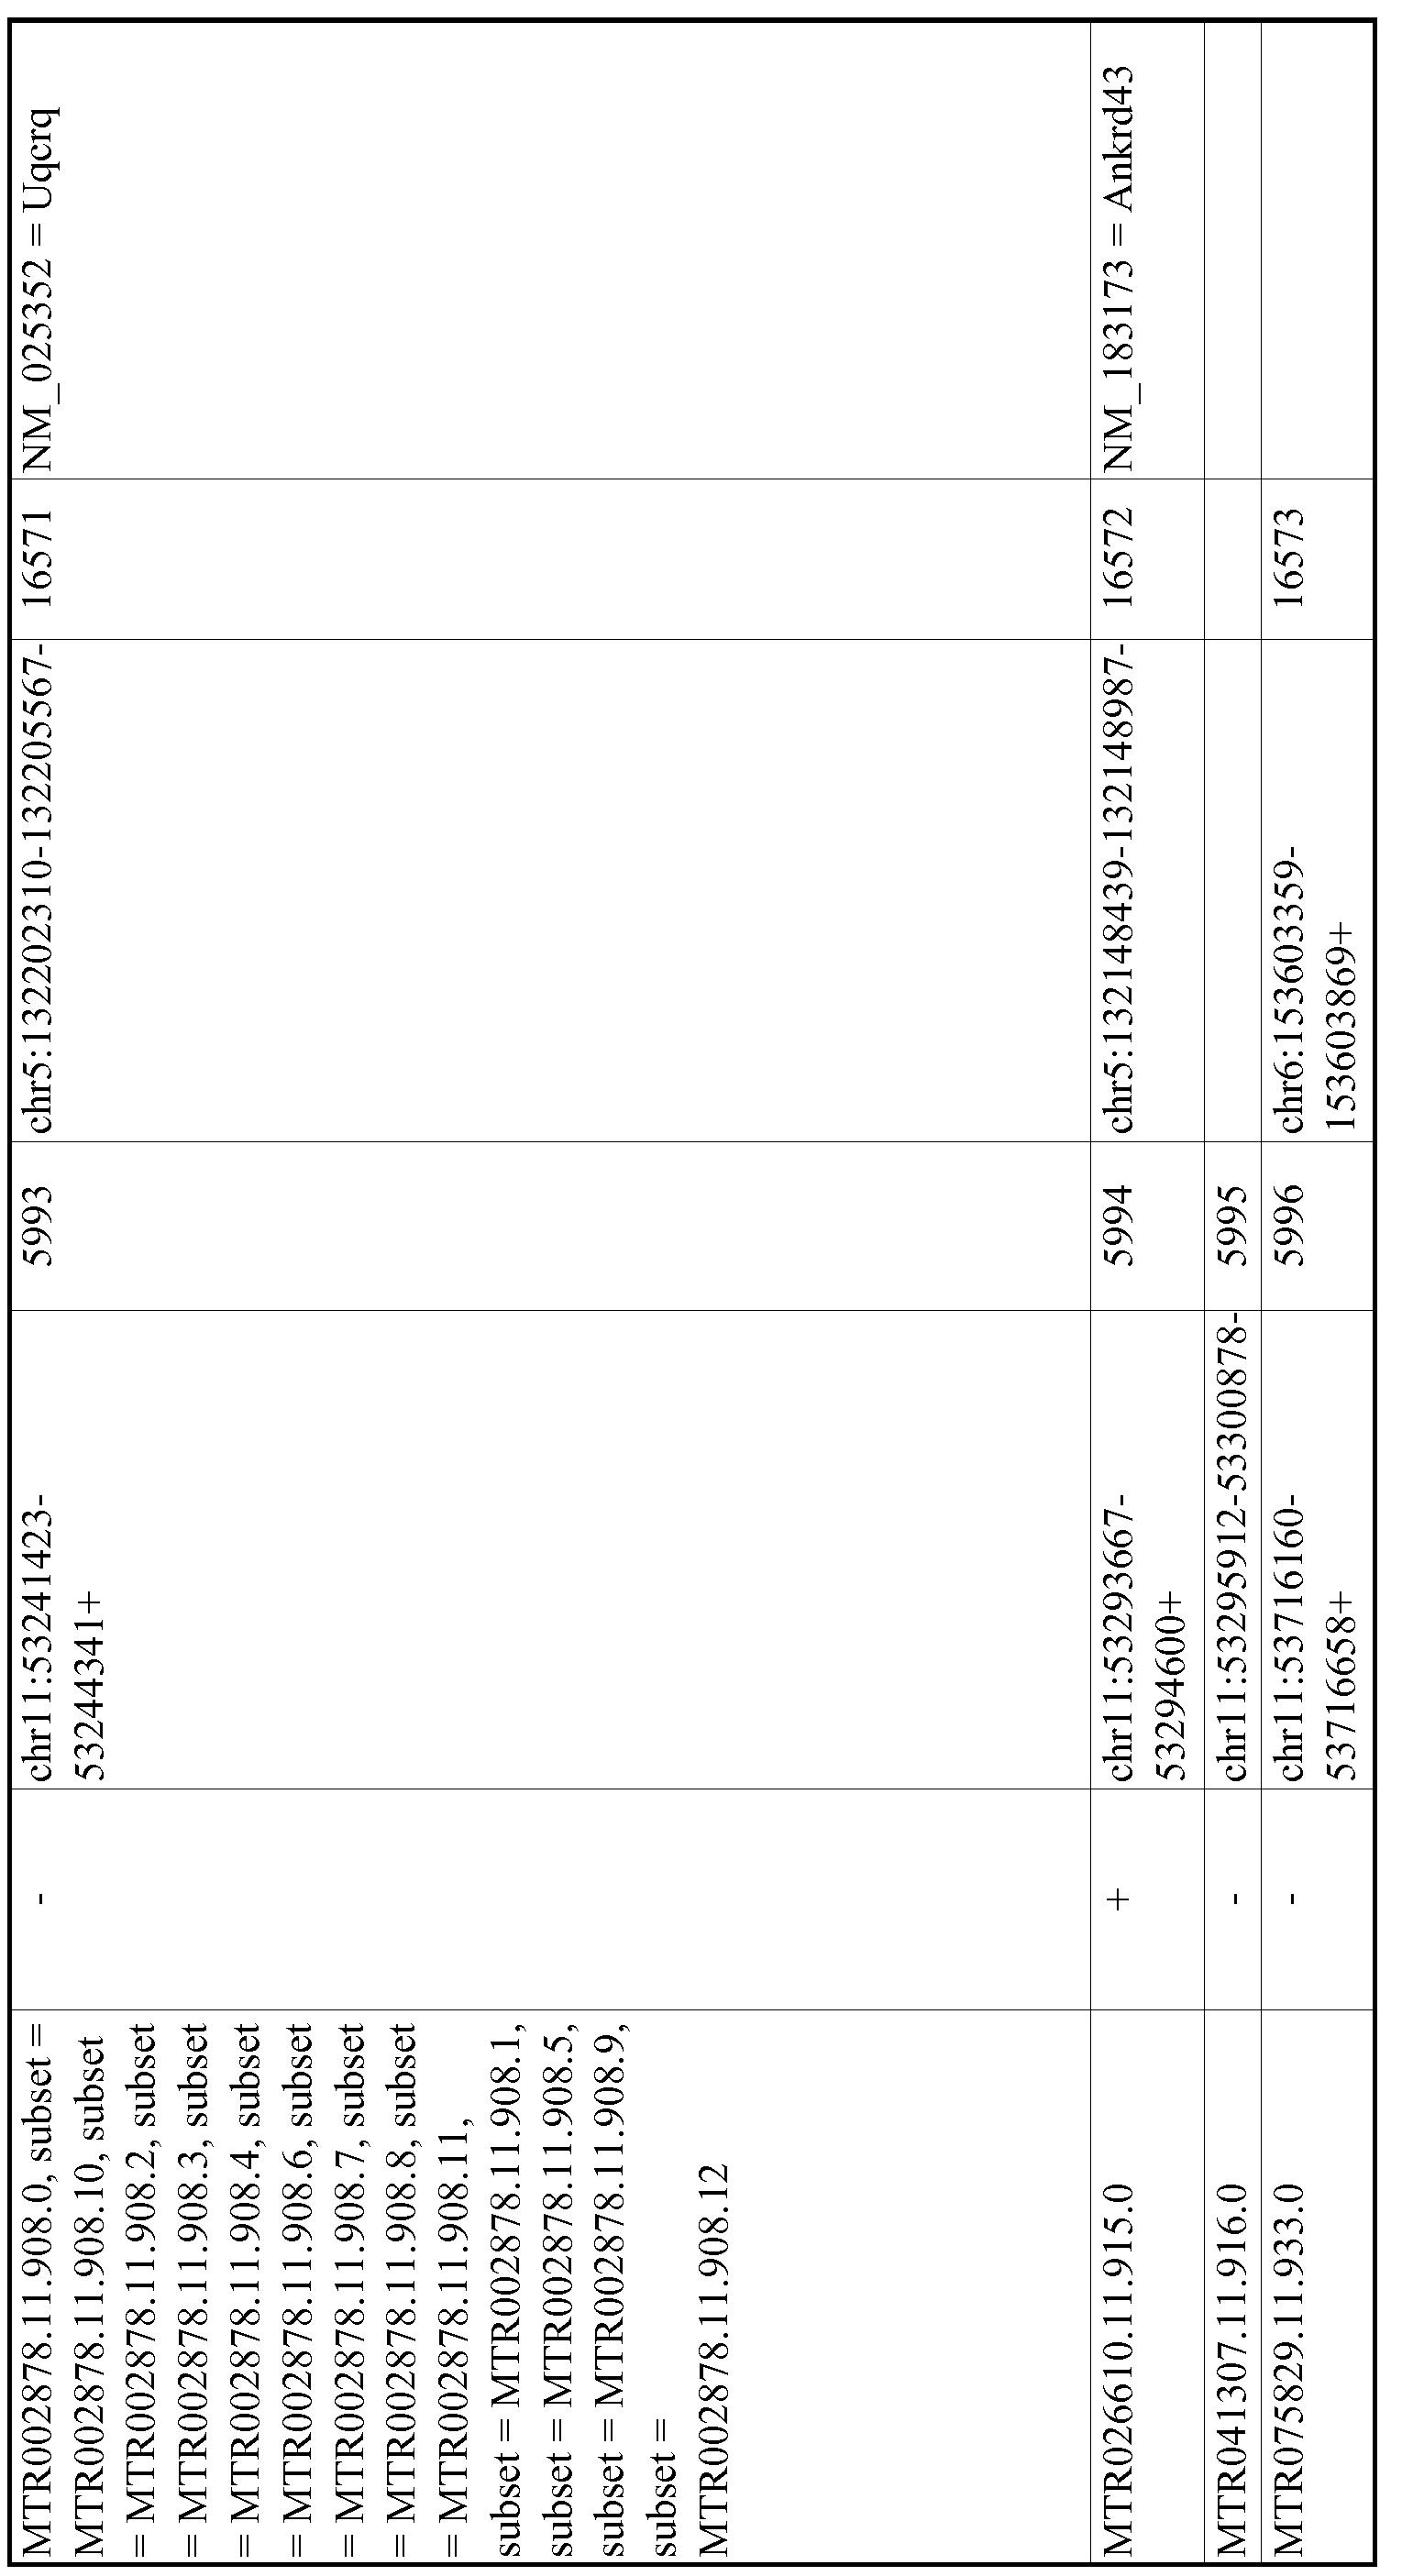 Figure imgf001078_0001